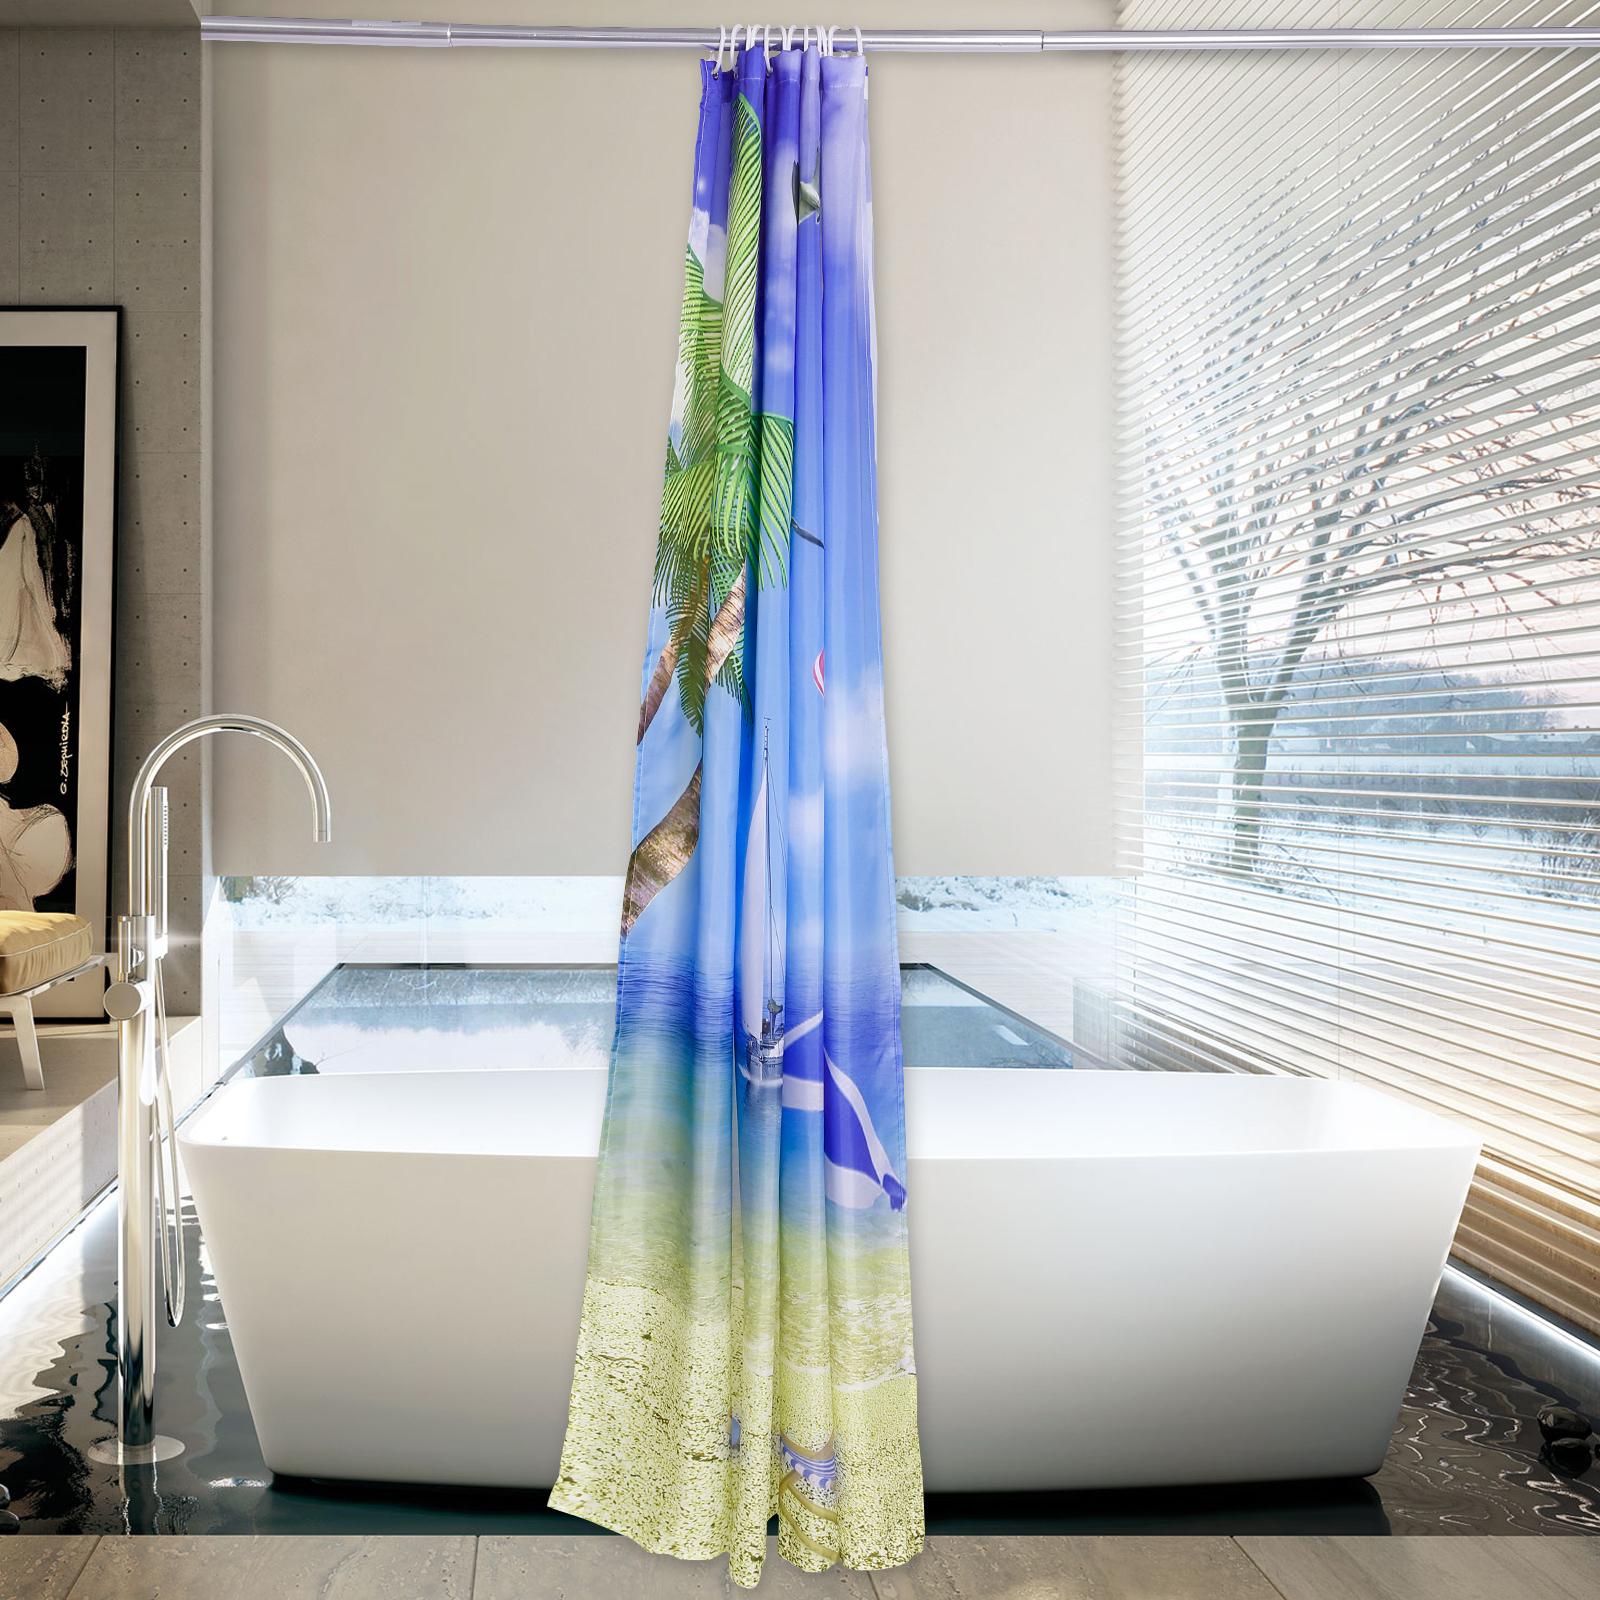 rideau de douche maison polyester decor art moderne lavable 12 crochet avec ebay. Black Bedroom Furniture Sets. Home Design Ideas